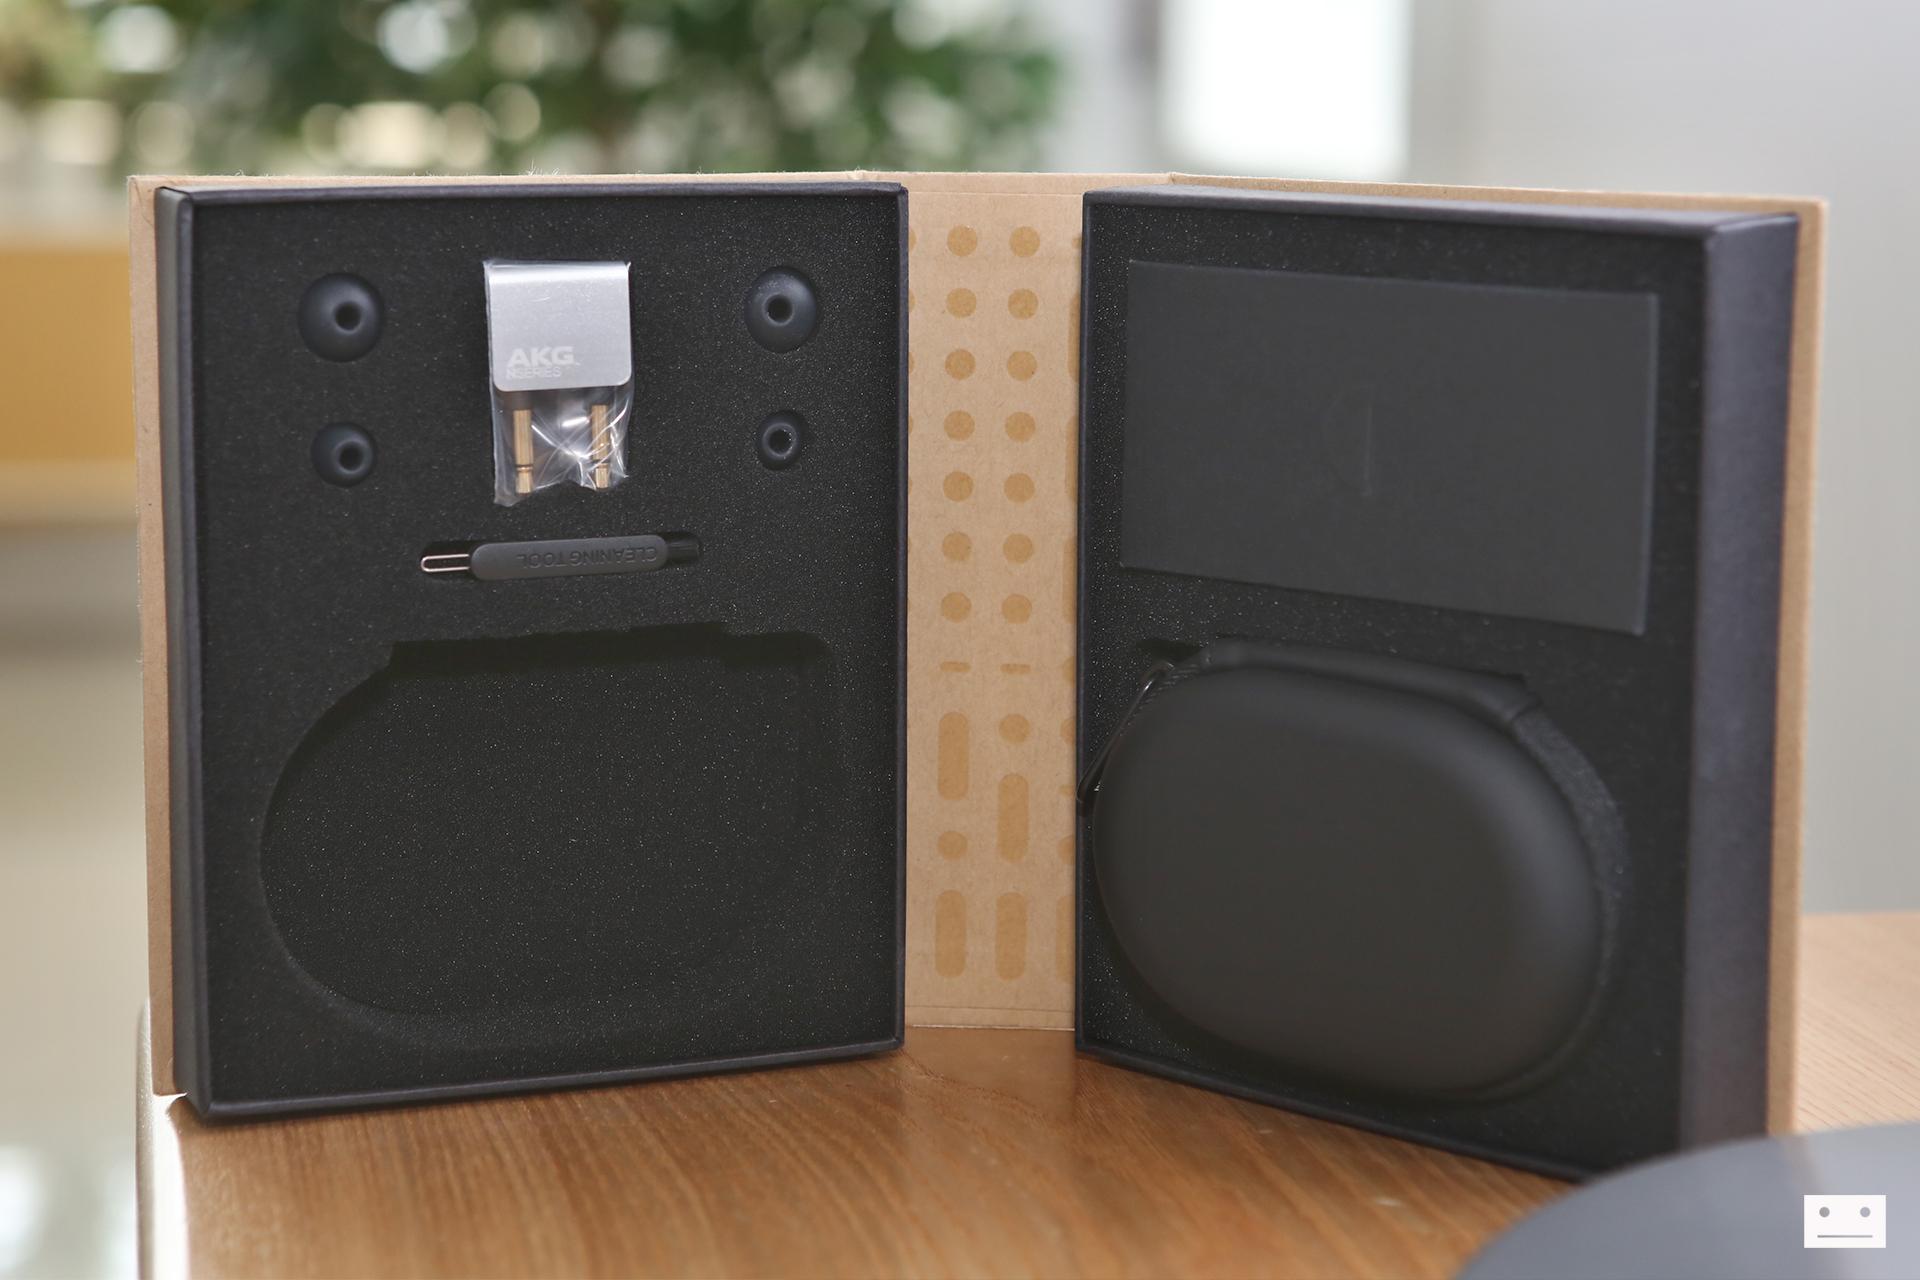 akg n20 earphone review (2)